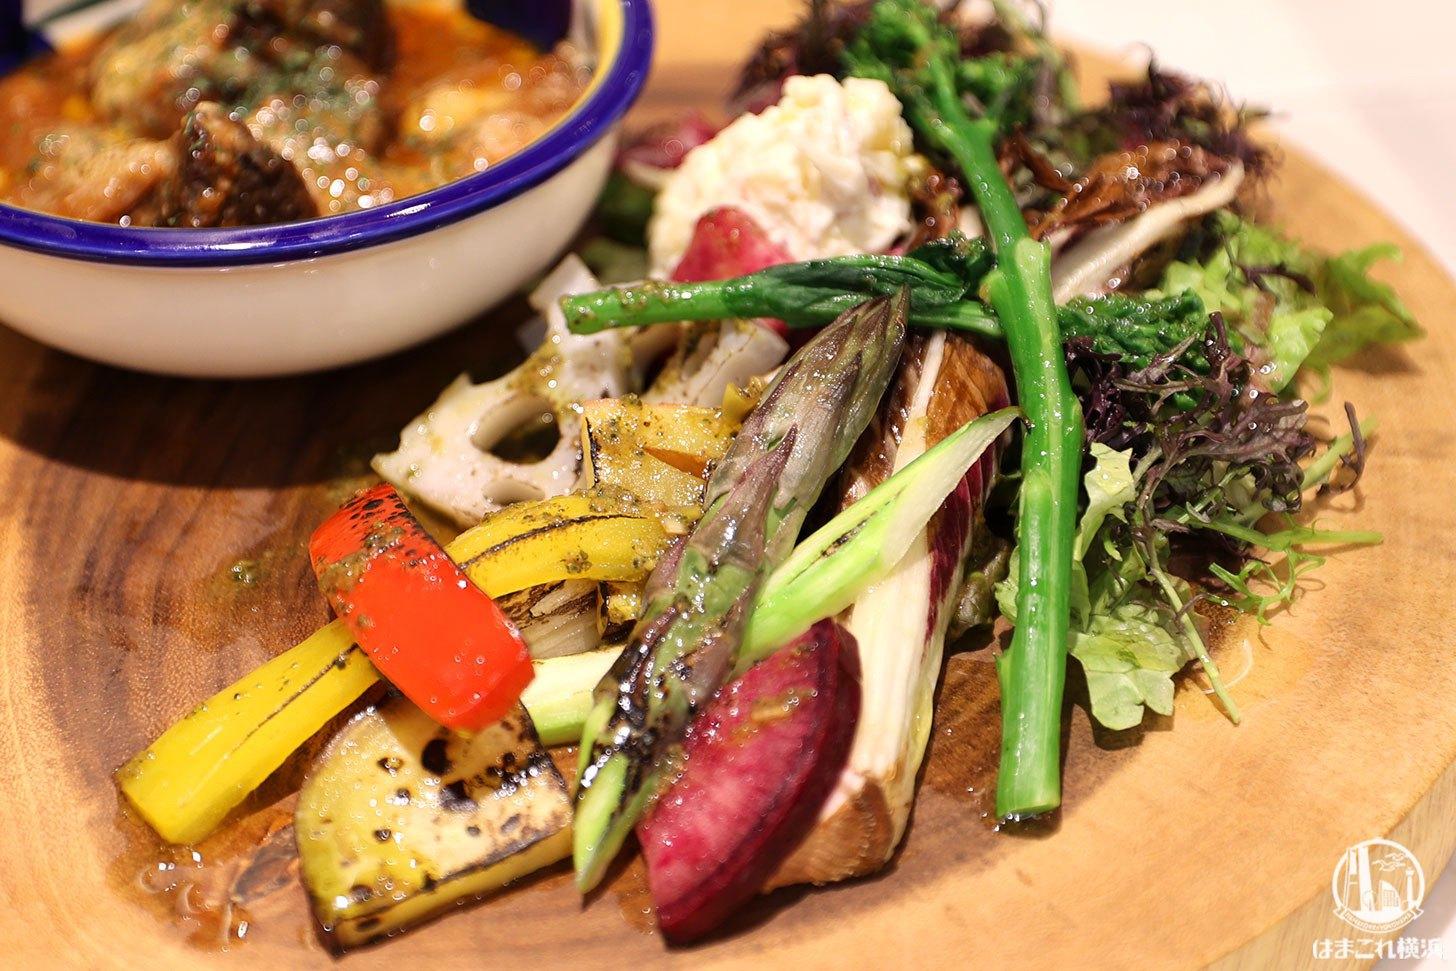 国産牛ほほ肉のやわらかトマト煮込み バジルのソースと野菜